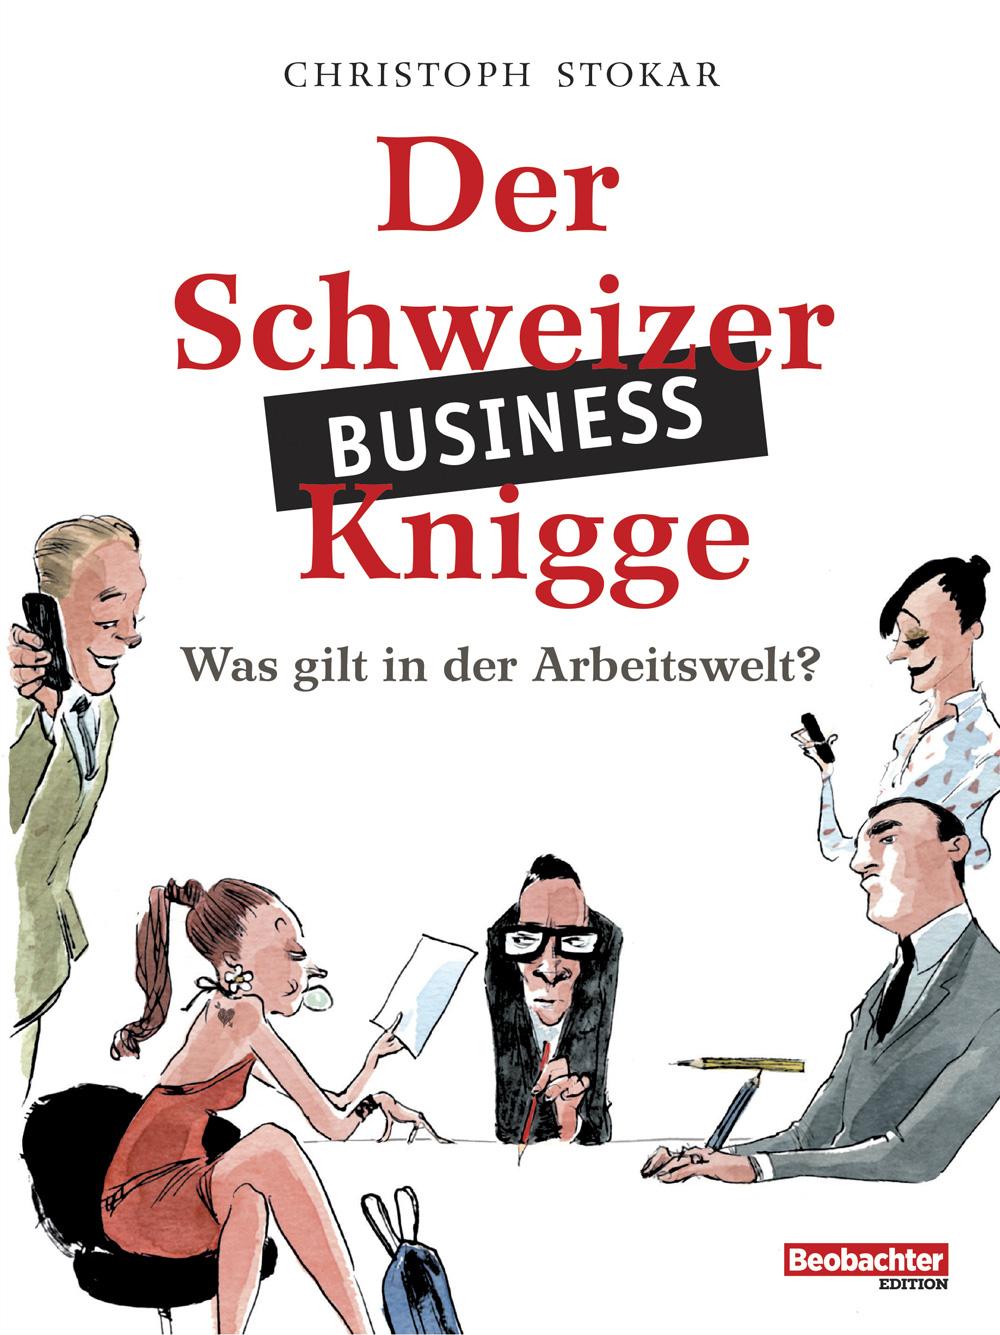 Der Schweizer Business-Knigge, Beobachter Edition, Umschlag